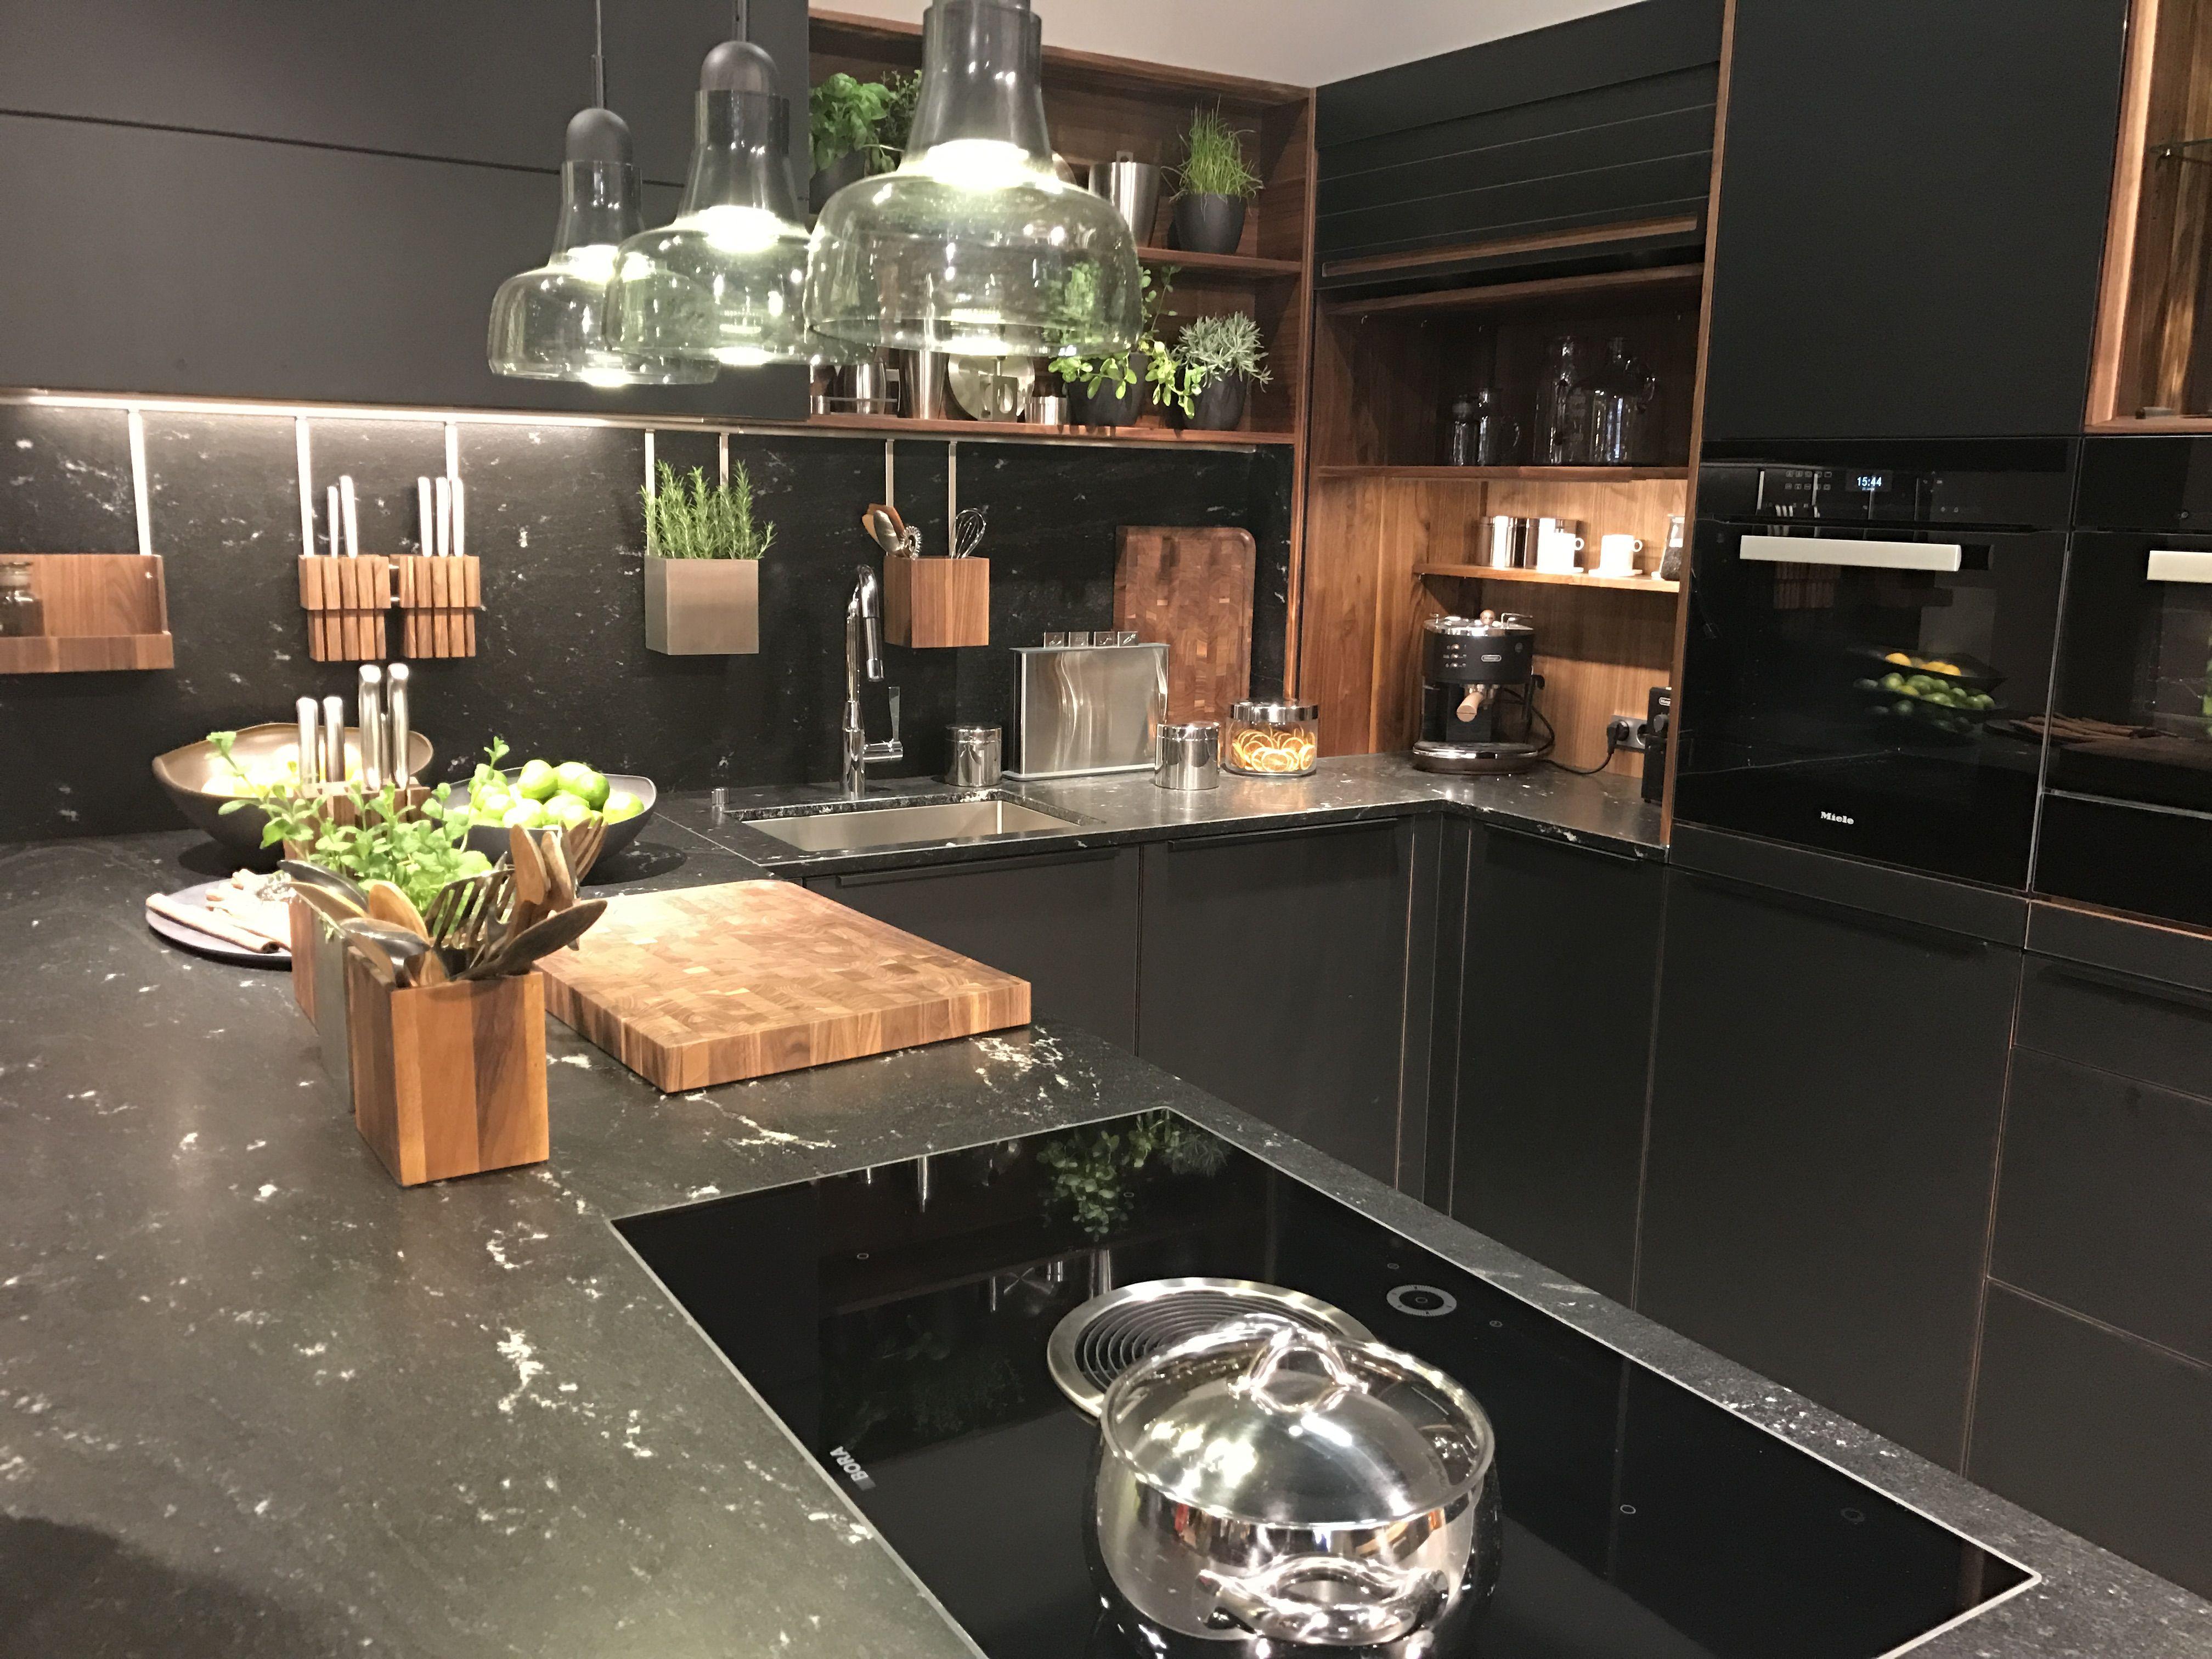 Granit Arbeitsplatten Eine Beliebte Kuche Wahl Granit Arbeitsplatte Wohnkuche Zimmer Kuche